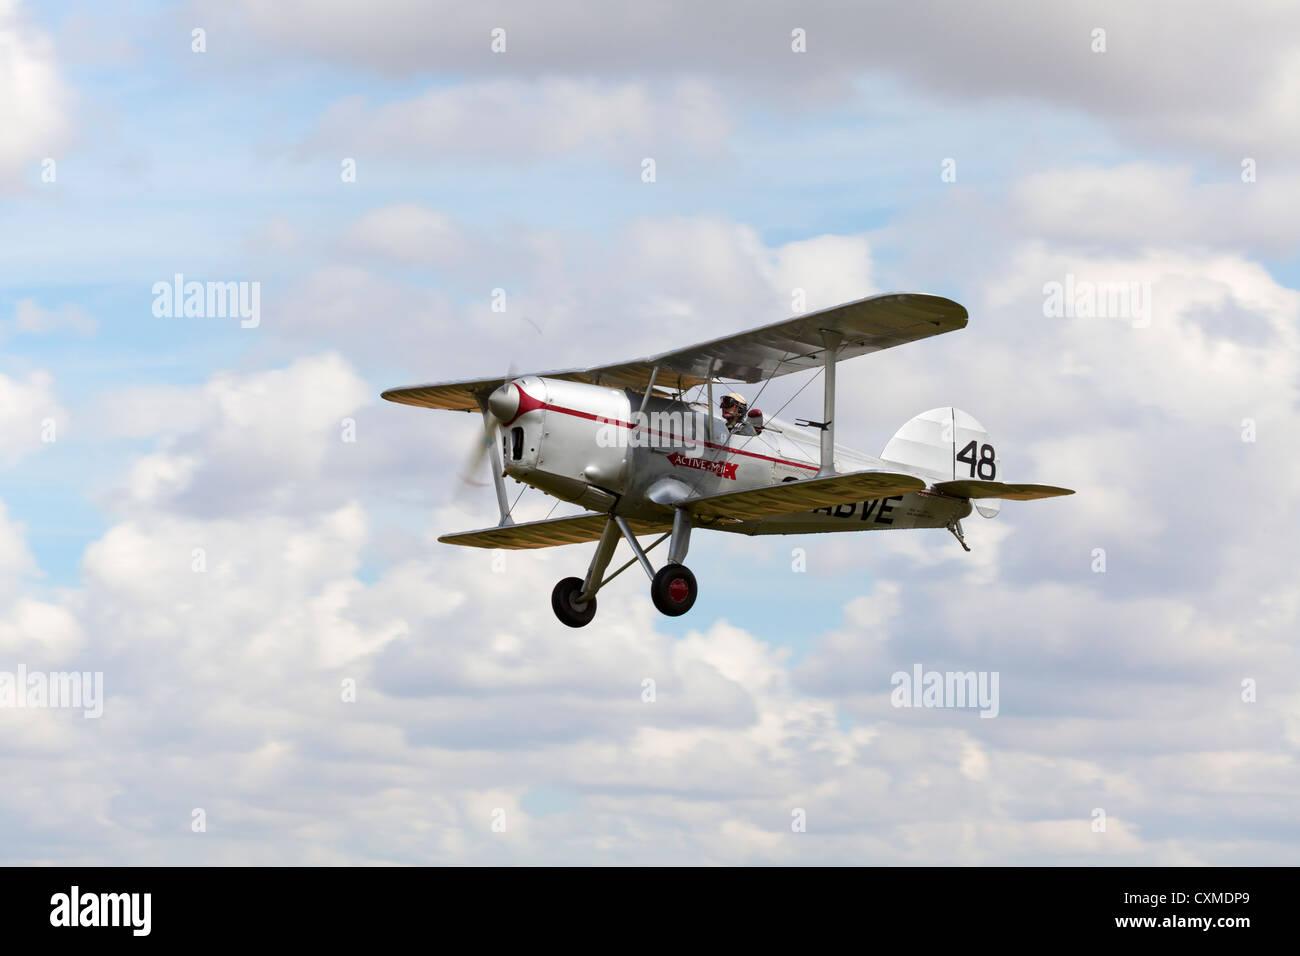 Arrow Active MKII G-ABVE  in flight - Stock Image